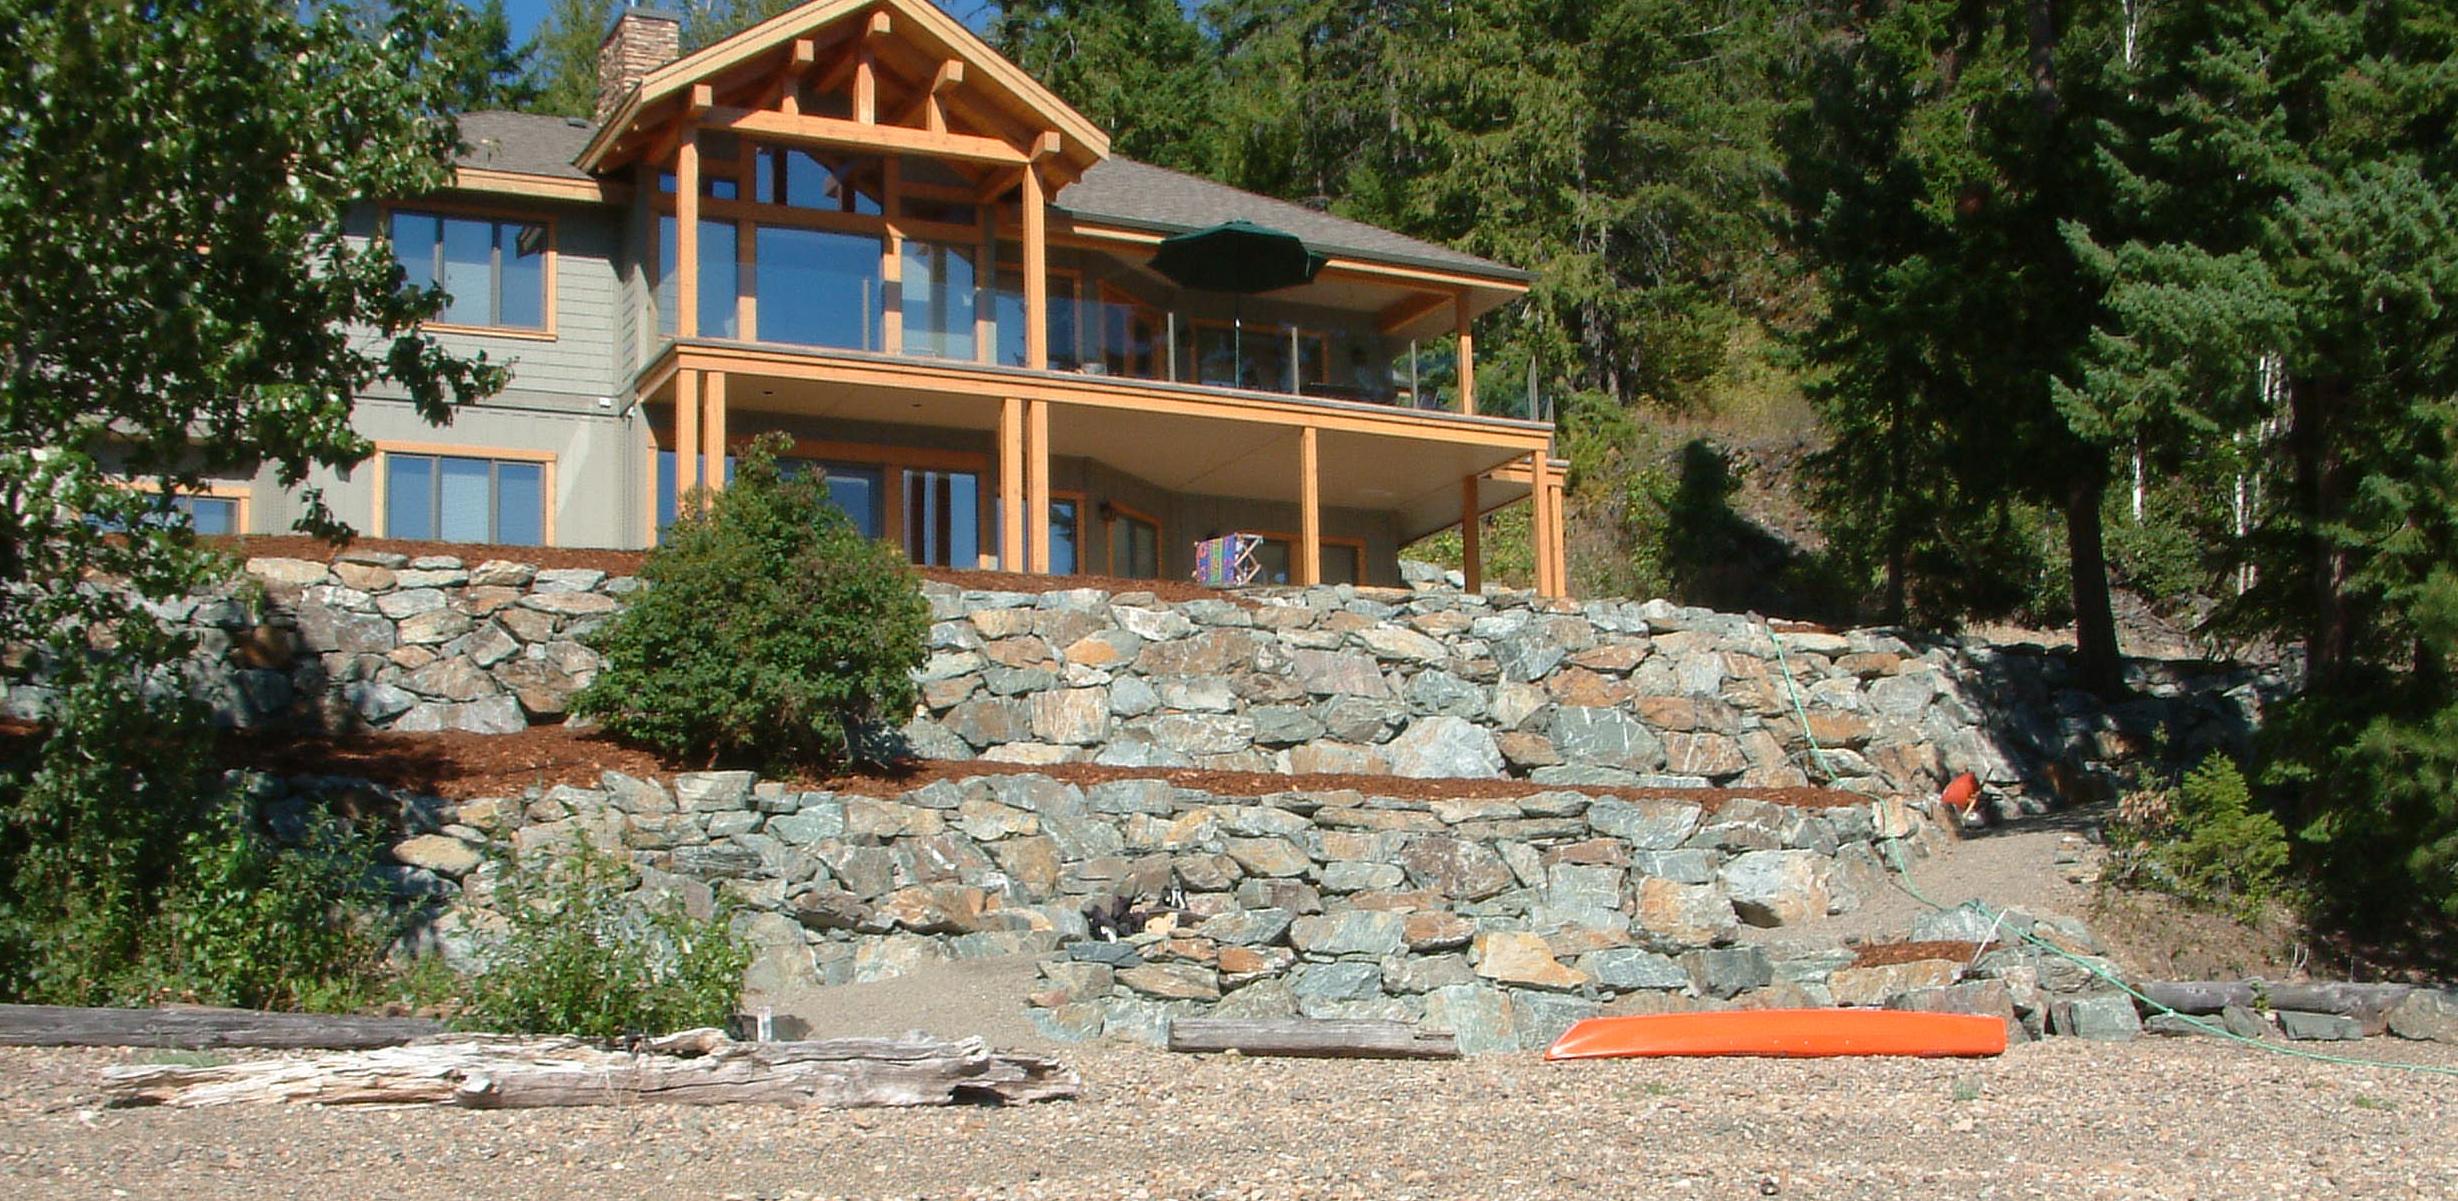 Lewis Rock retaining walls